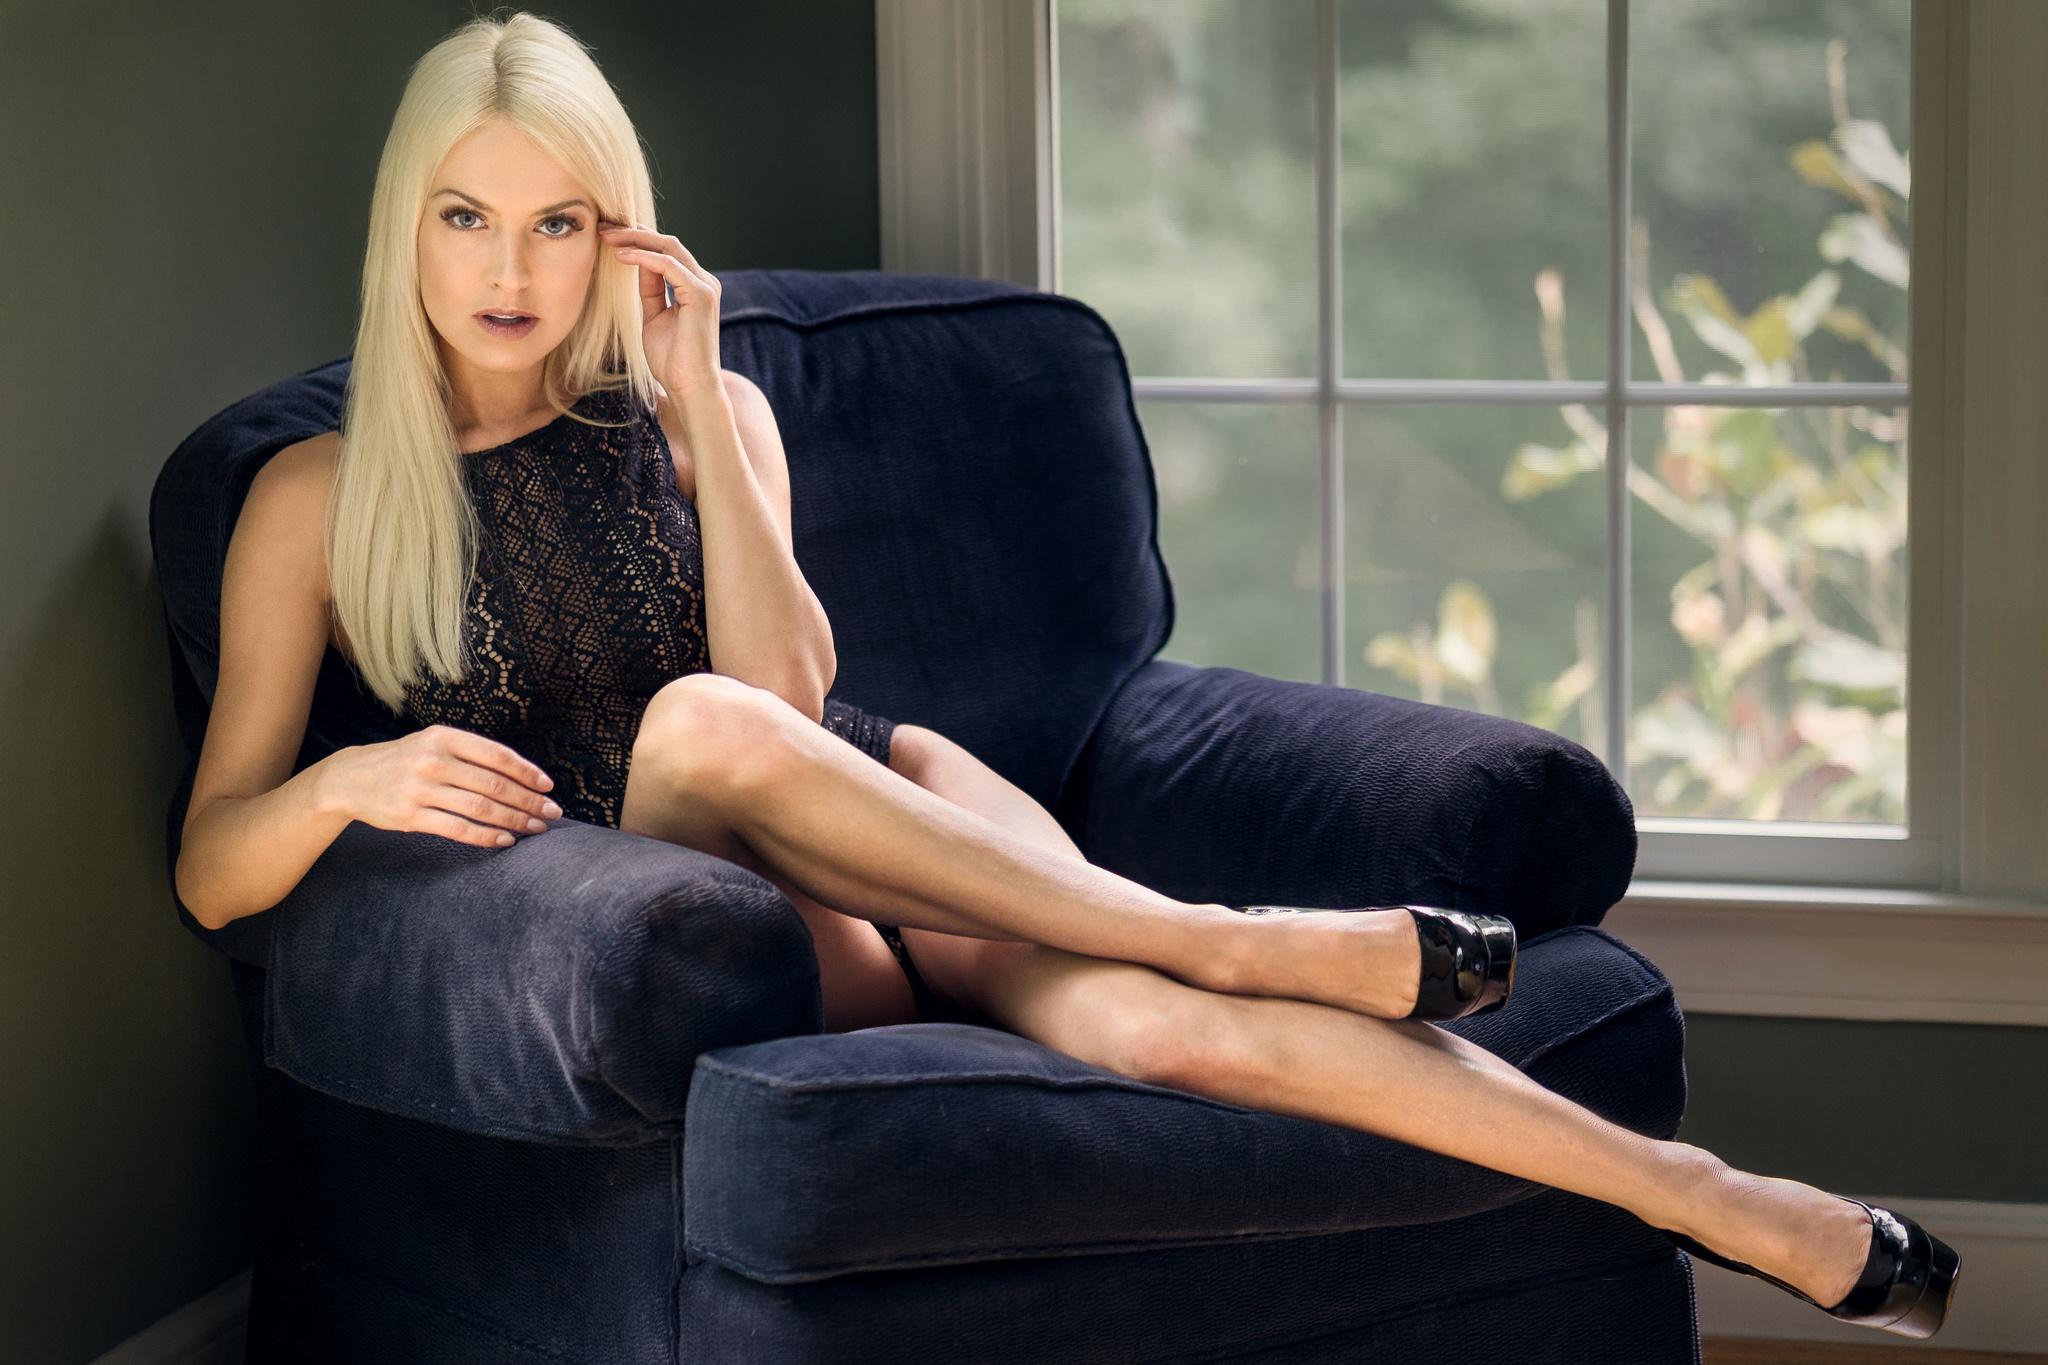 Проверка на блондинку, Тест: Идеальная блондинка это - психологический 15 фотография